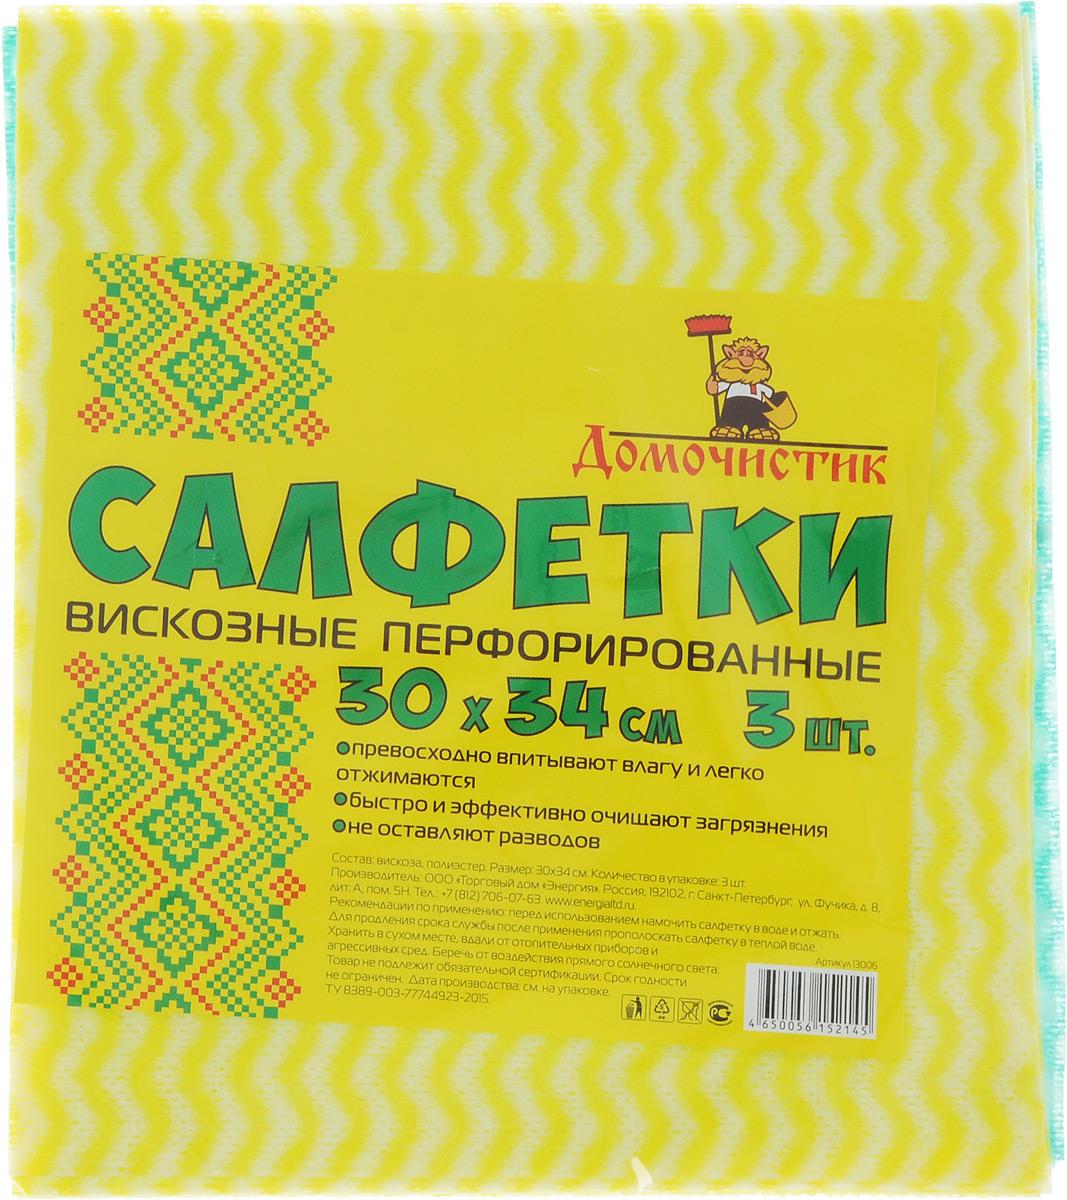 Салфетка для уборки Домочистик из вискозы, перфорированная, цвет: желтый, зеленый, белый, 30 x 34 см, 3 шт. 13006VCA-00Перфорированные вискозные салфетки для уборки Домочистик превосходно впитывают влагу и легко отжимаются. Быстро и эффективно очищают загрязнения, не оставляют разводов. В комплект входят 3 салфетки.